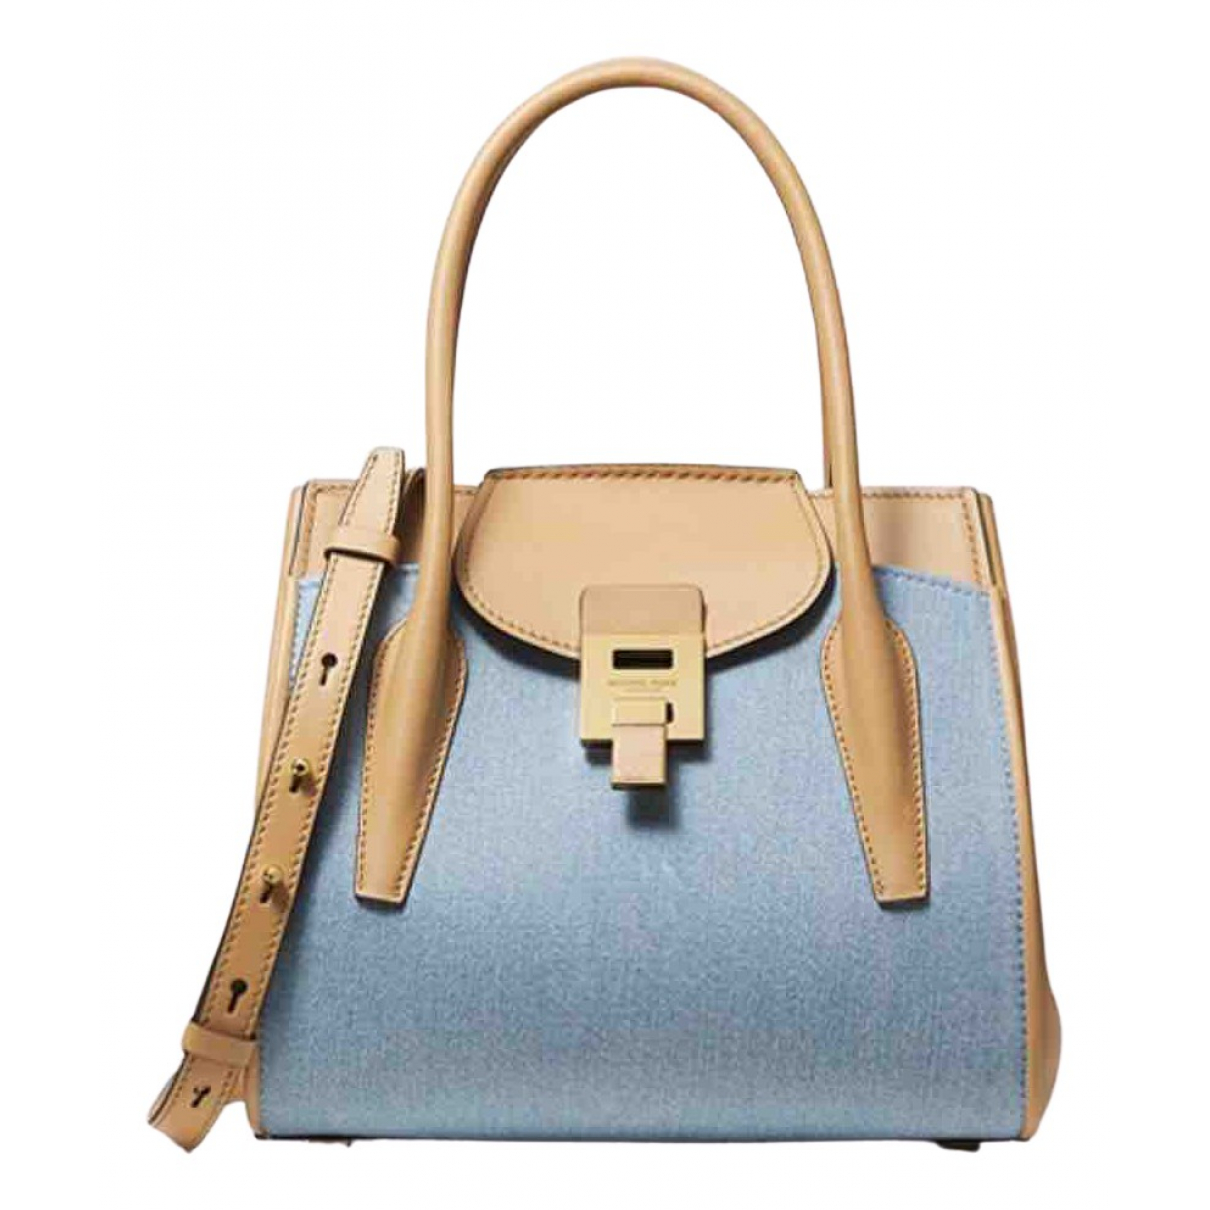 Michael Kors Bancroft (Collection) Handtasche in Leder